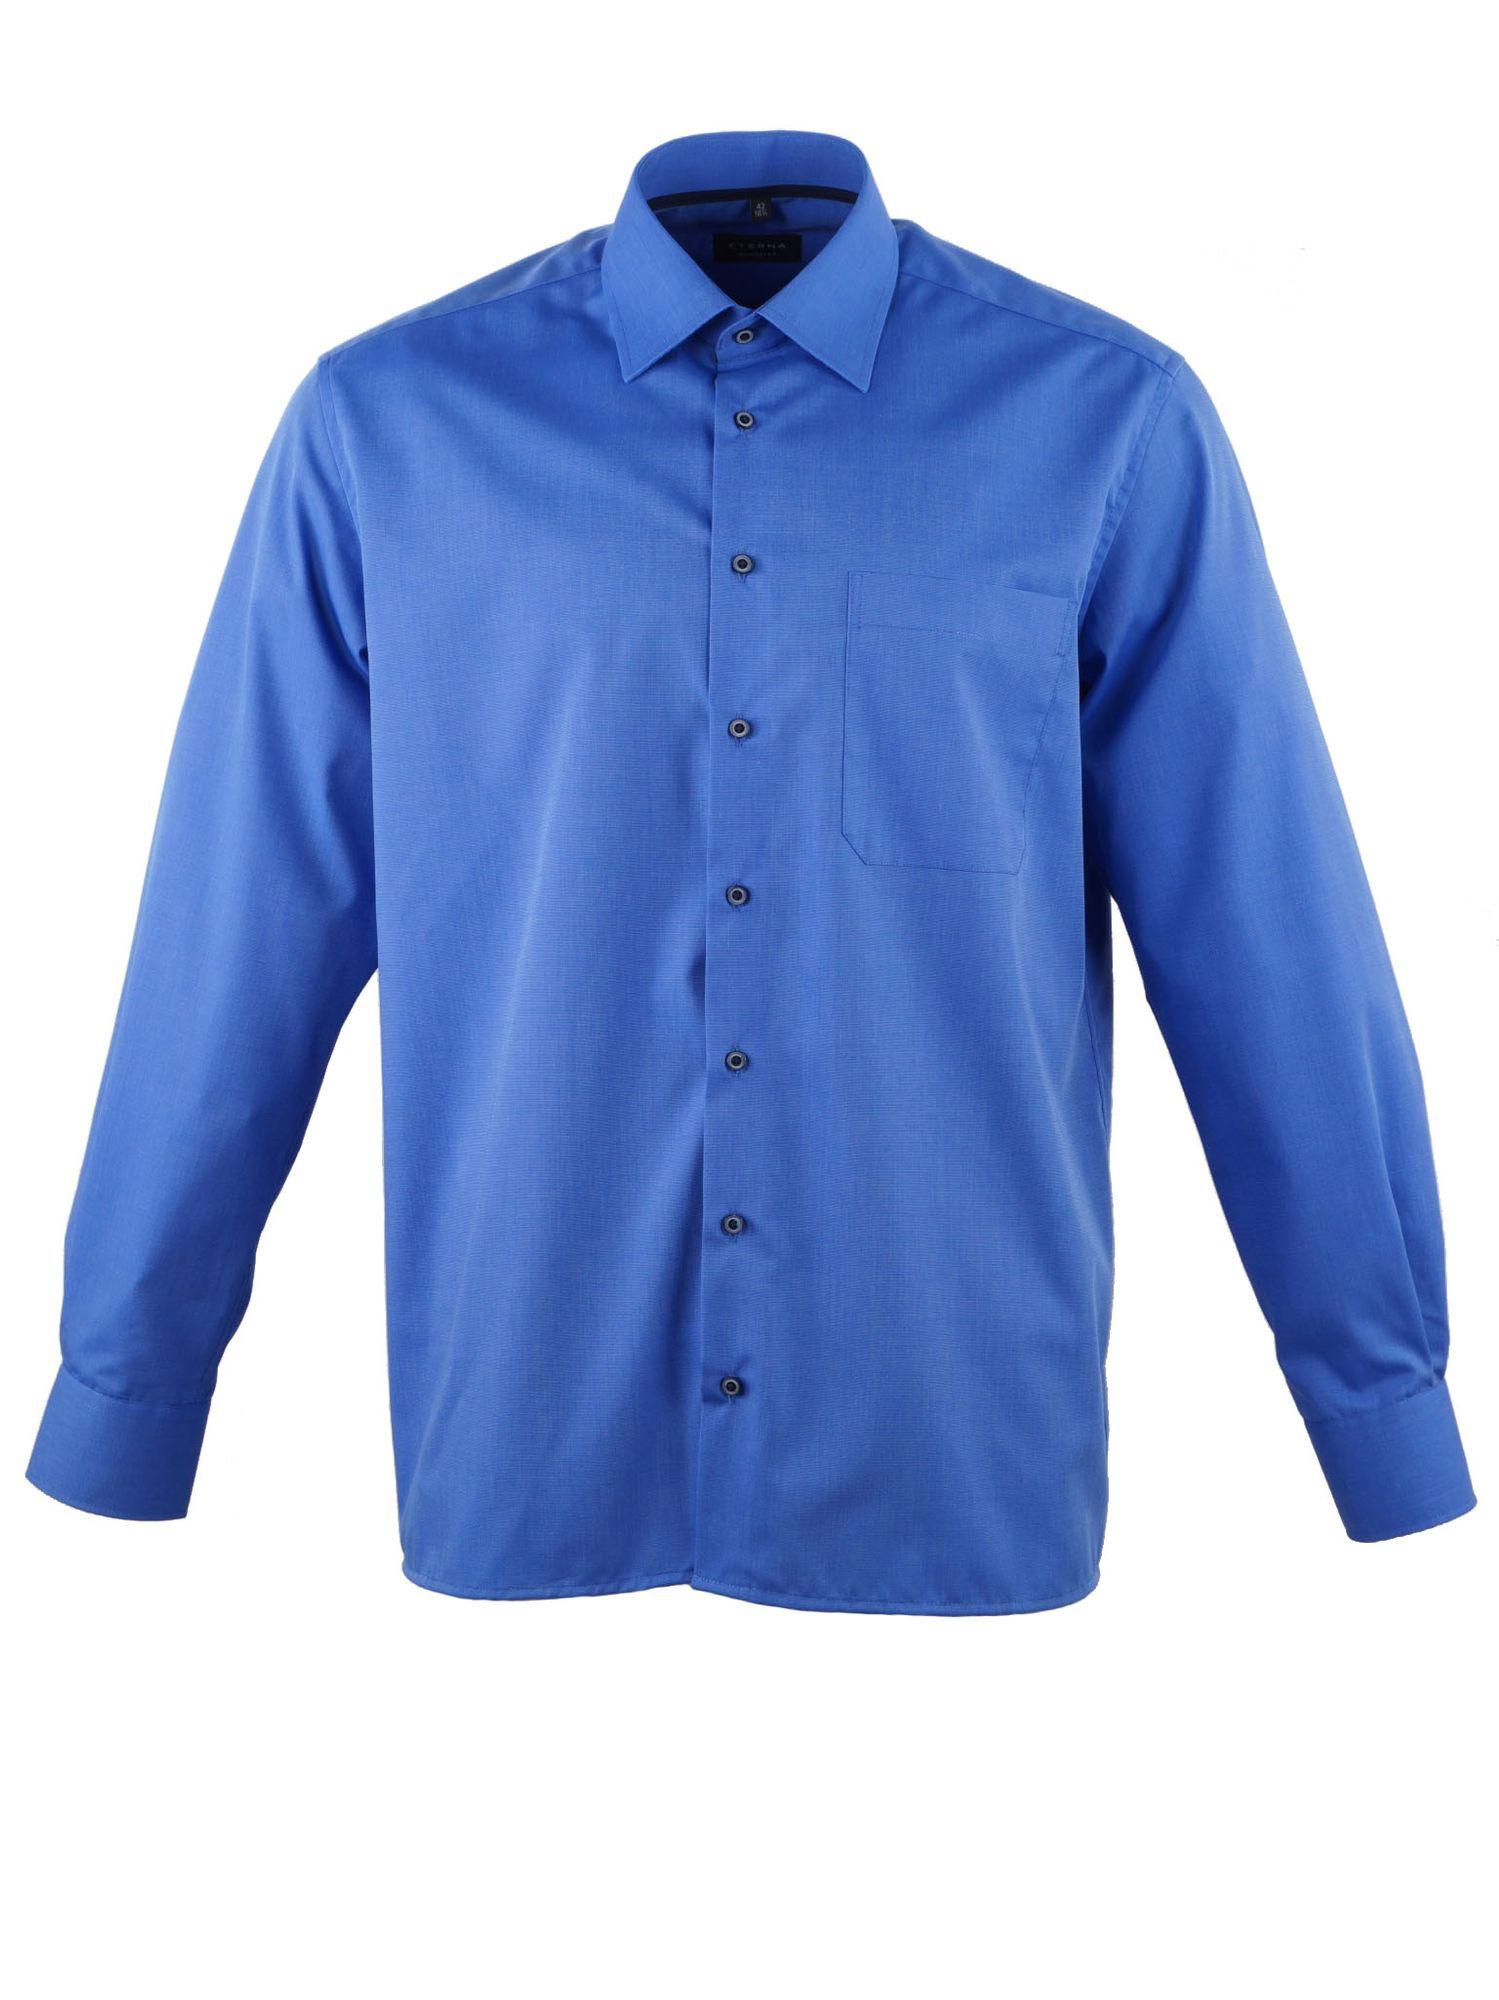 blaue Hemden von ETERNA in Größe 43 | versandkostenfrei